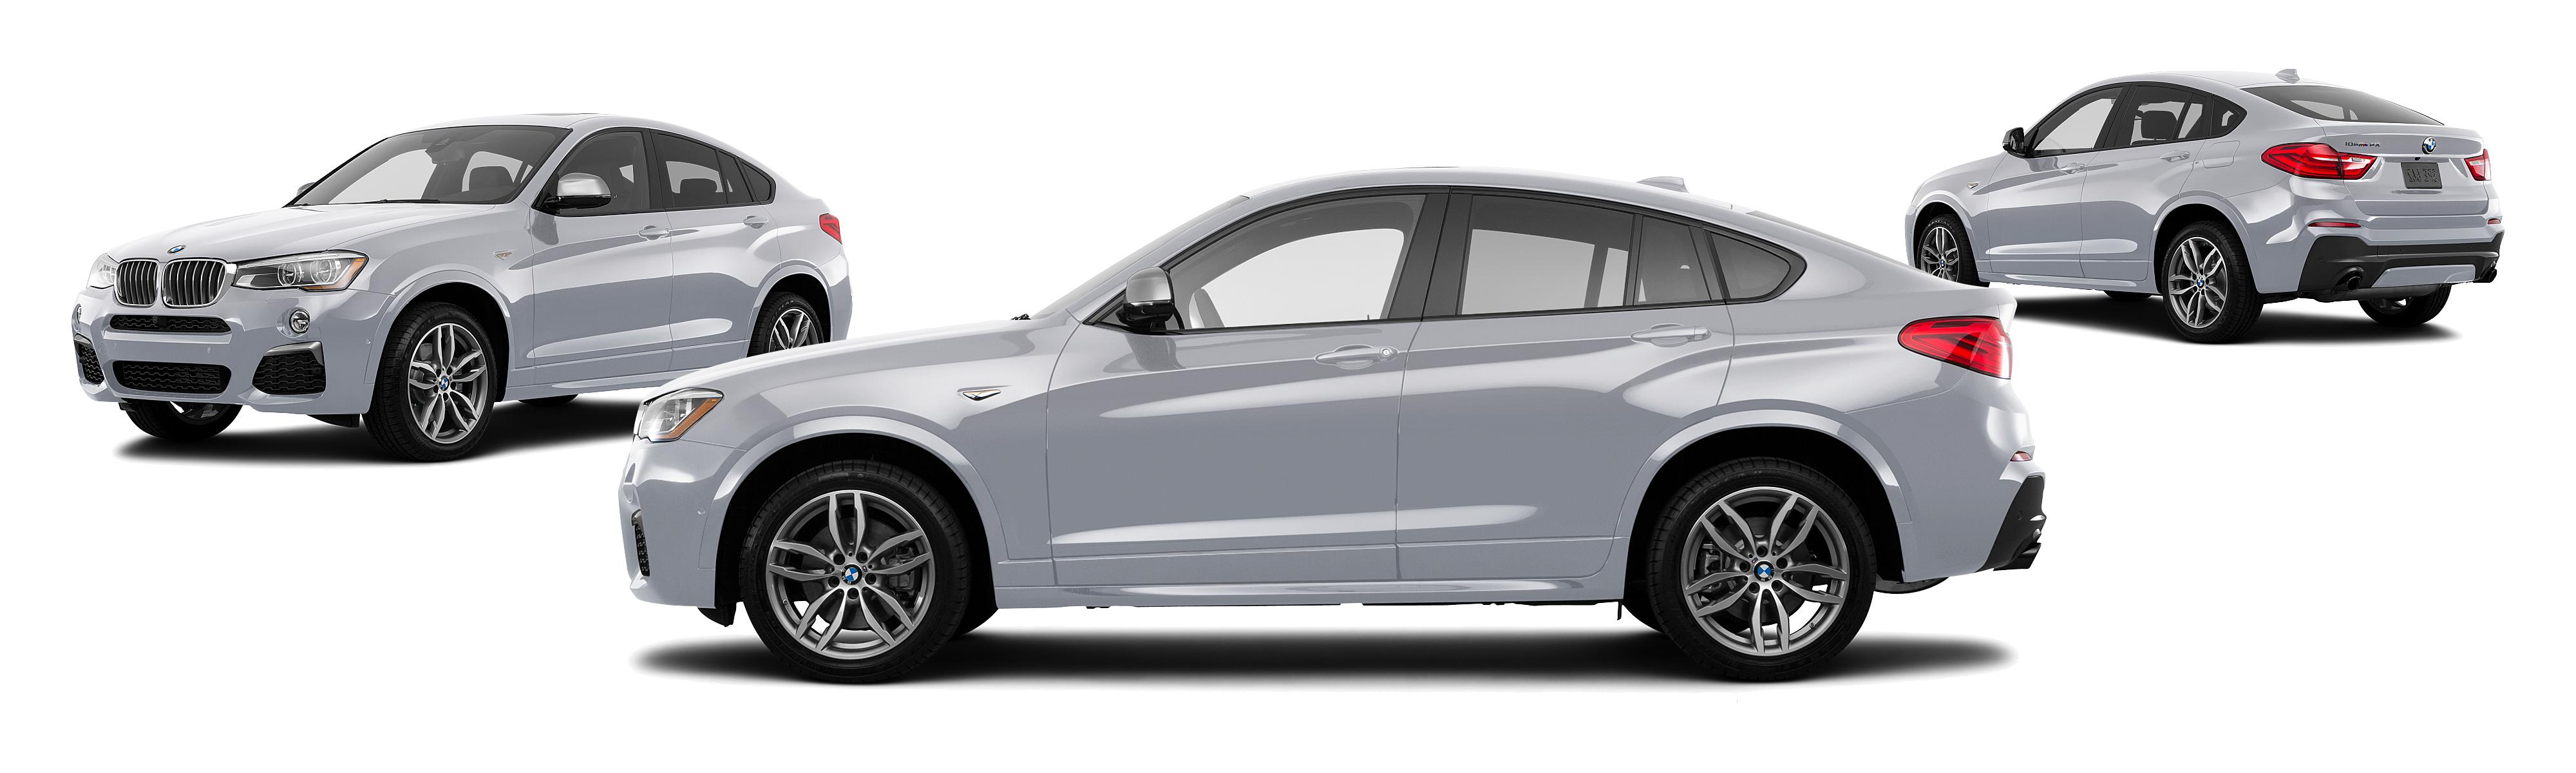 2017 BMW X4 AWD M40i 4dr SUV